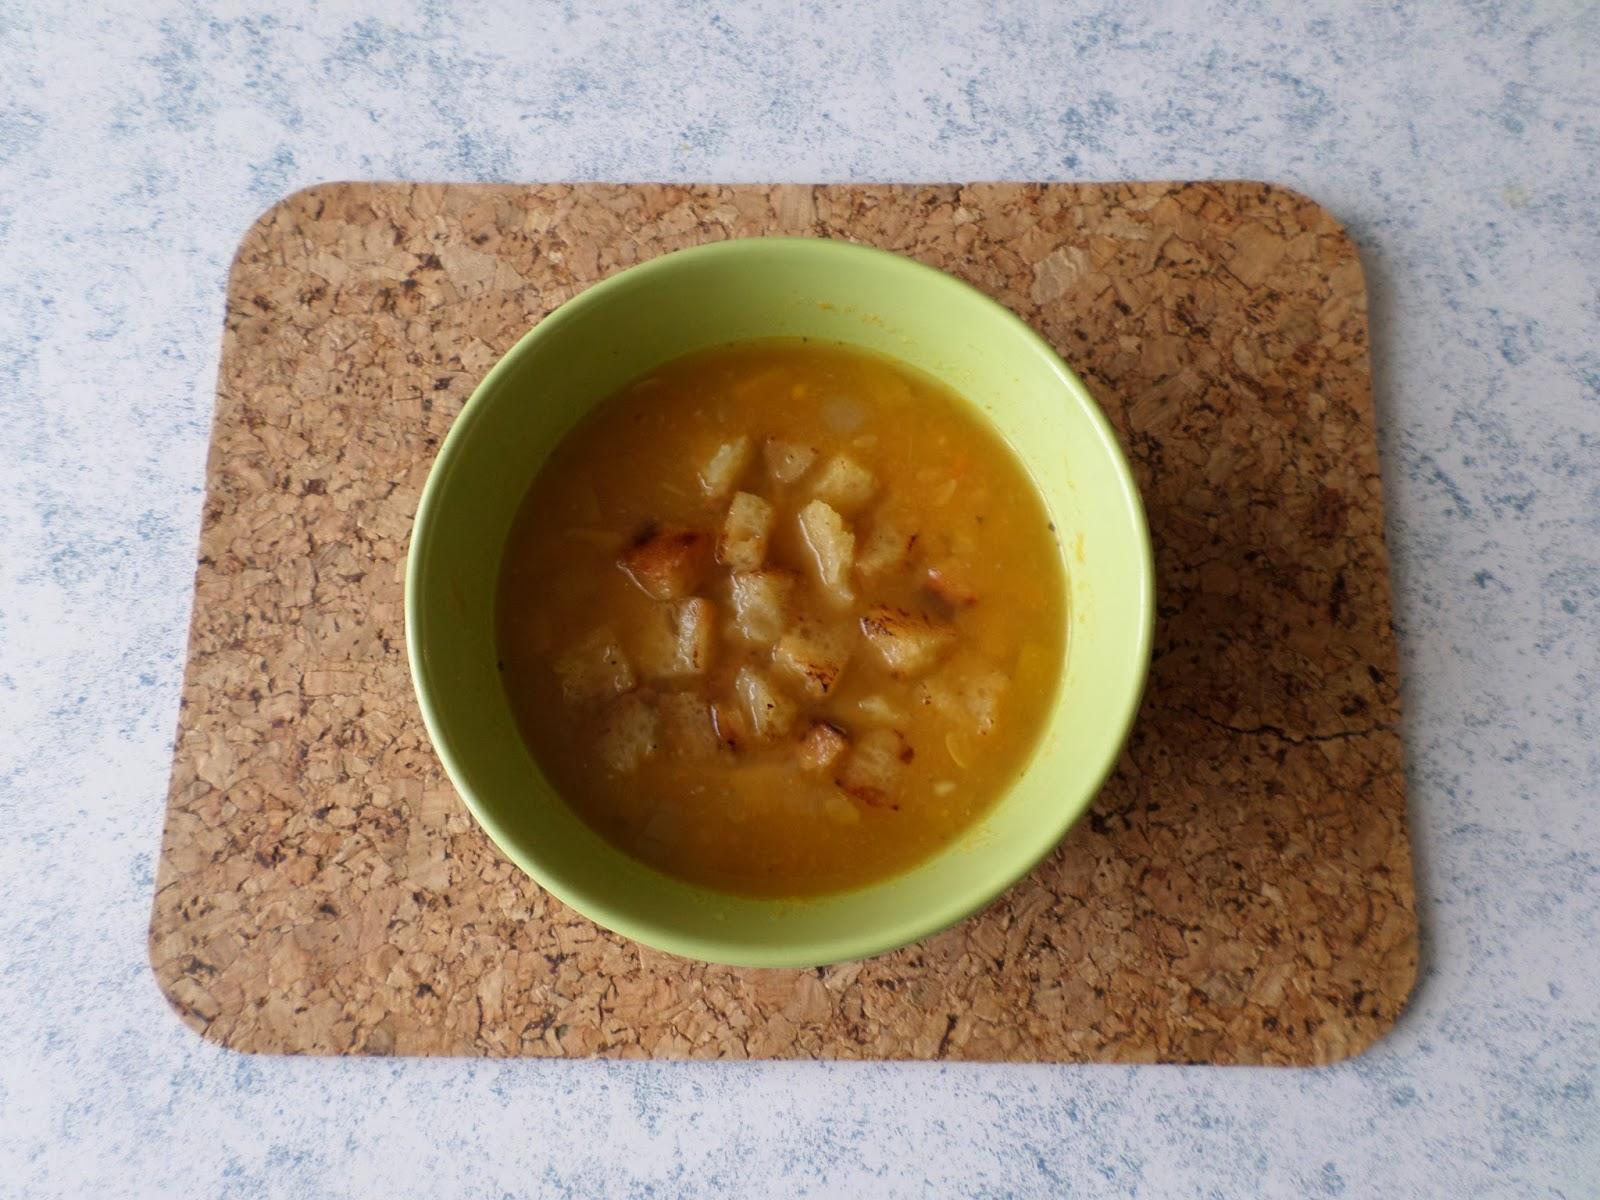 Miedzy Kuchnia A Reszta Swiata 8 Przepis Nr 4 Zupa Z Dyni